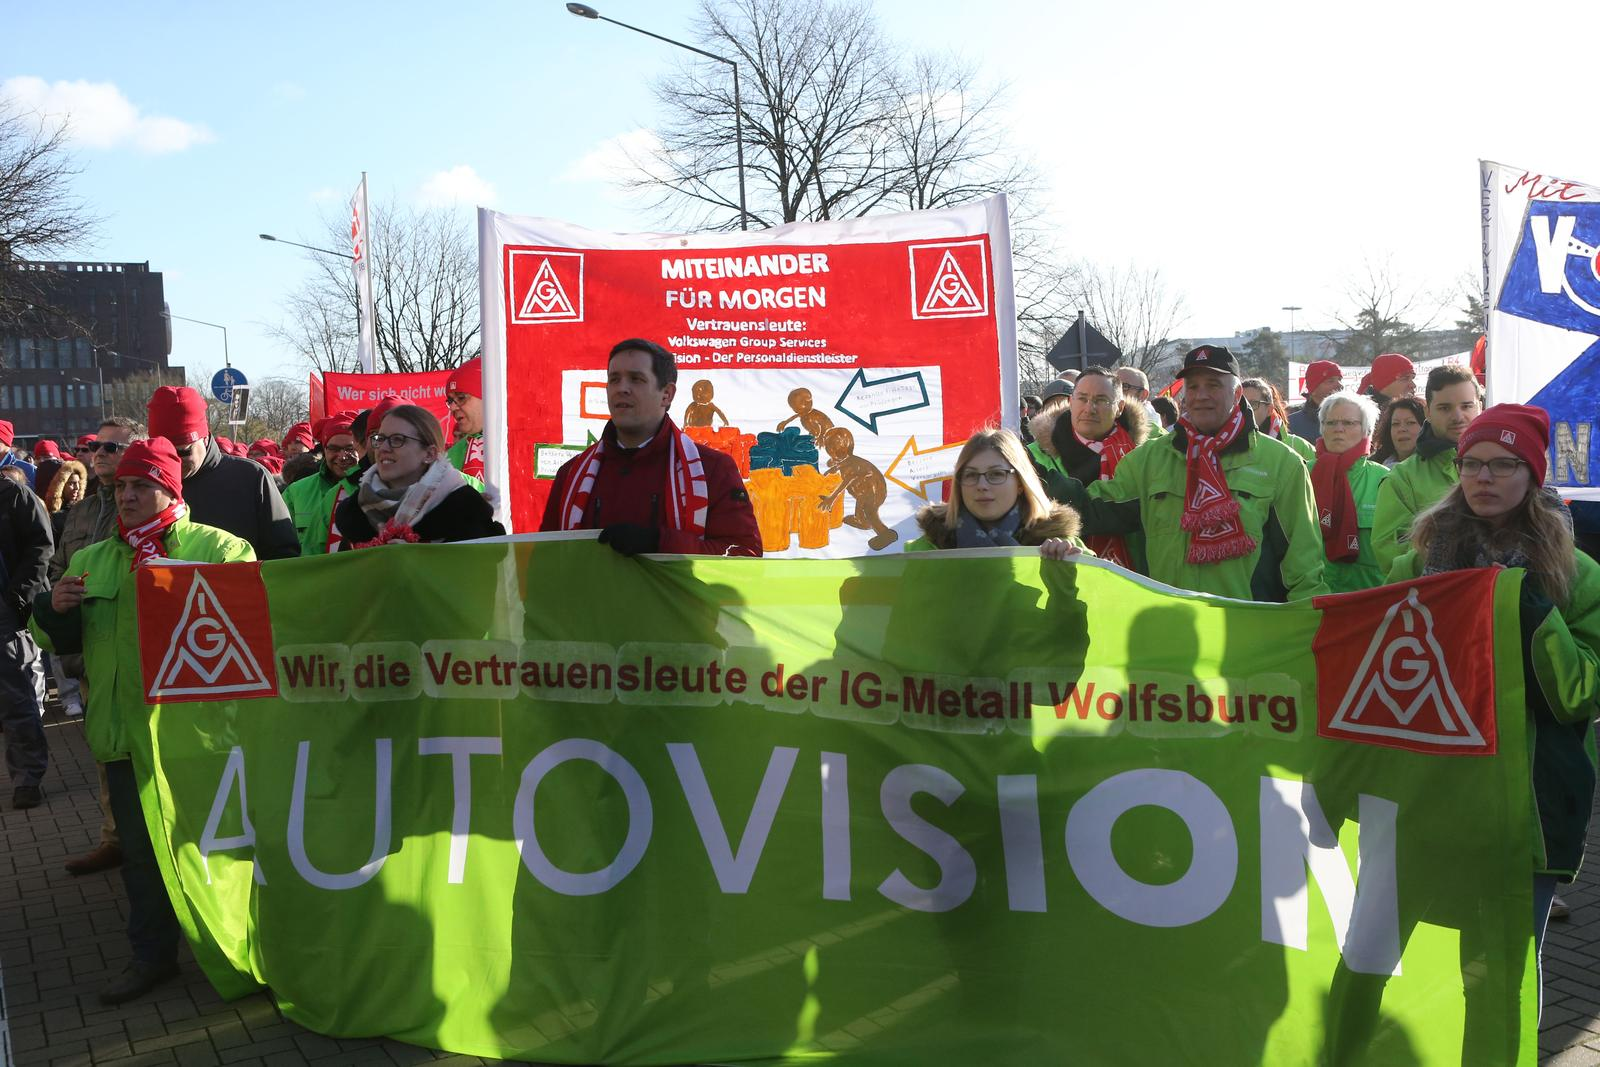 Dritte Verhandlung Bei Den Volkswagen Töchtern Steht An Ig Metall